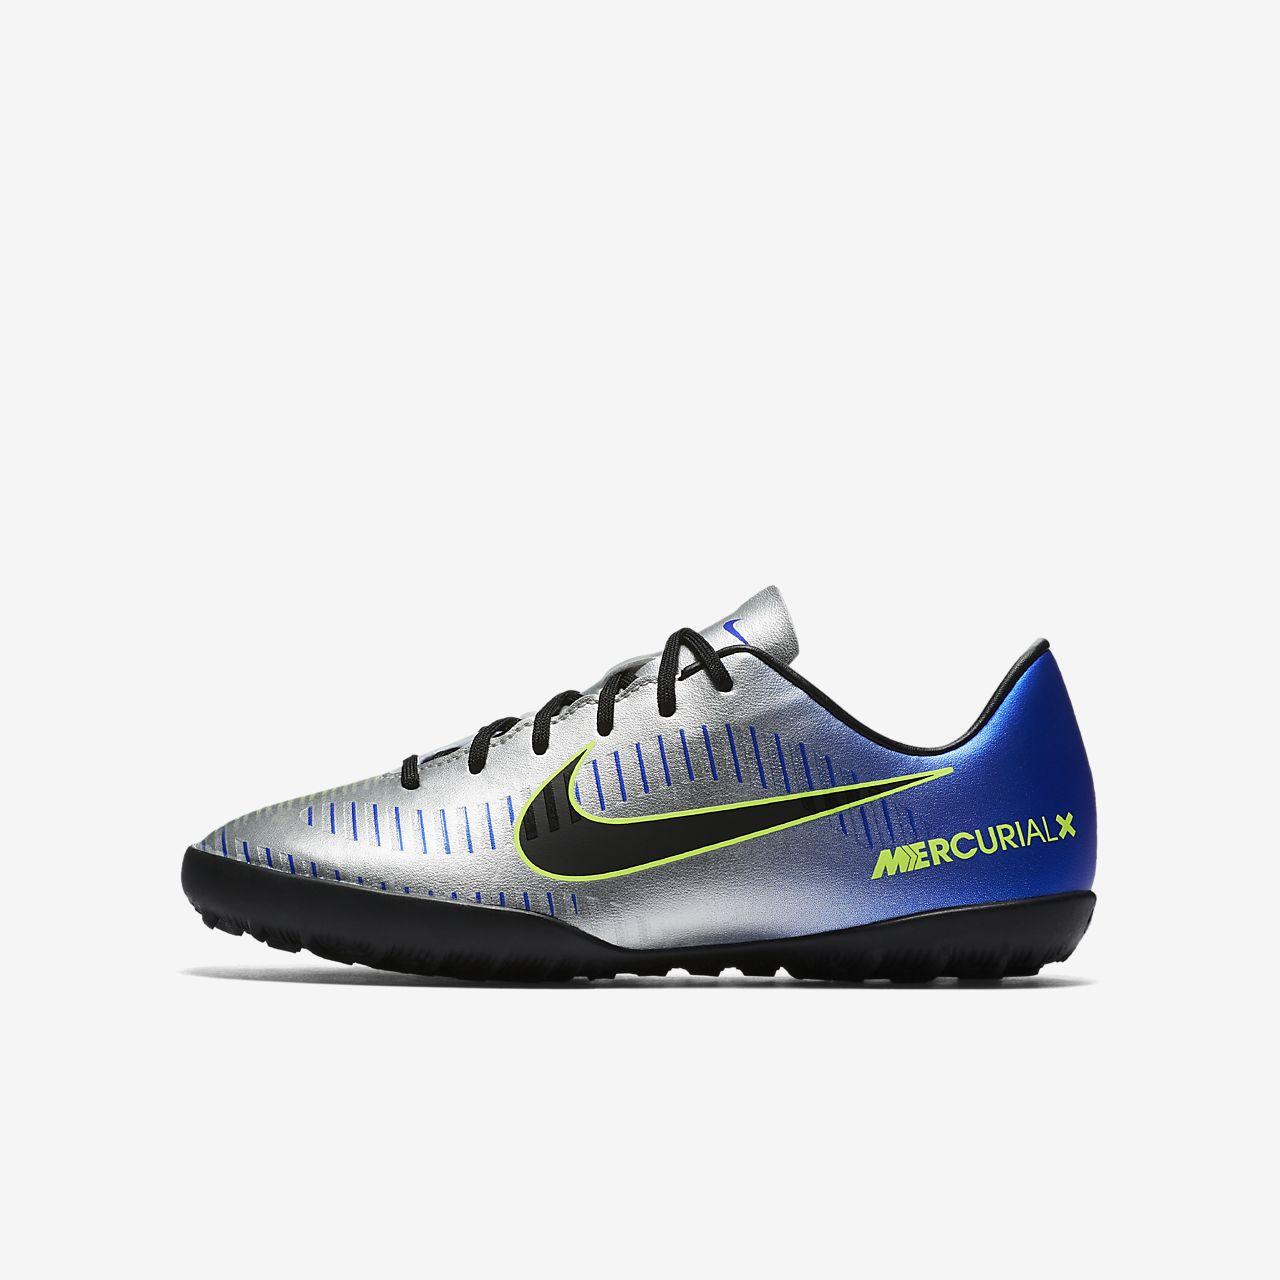 Neymar Chaussures Nike Mercurial Victoire Pour Les Hommes ErPFphTOv9